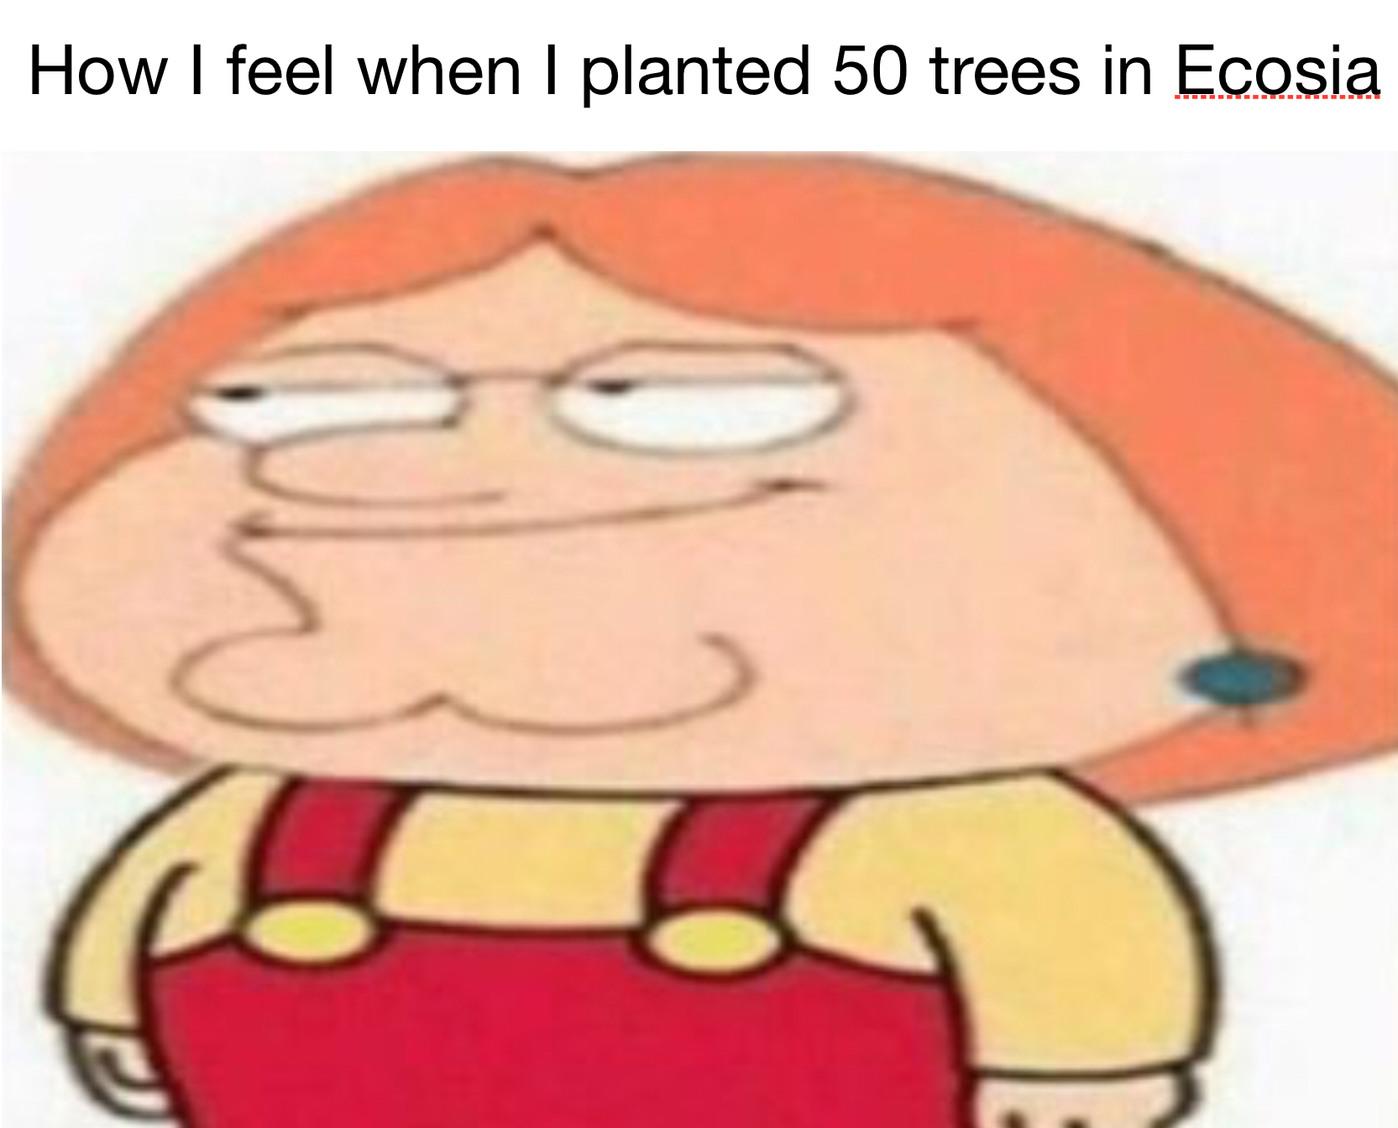 Use Ecosia instead of google - meme